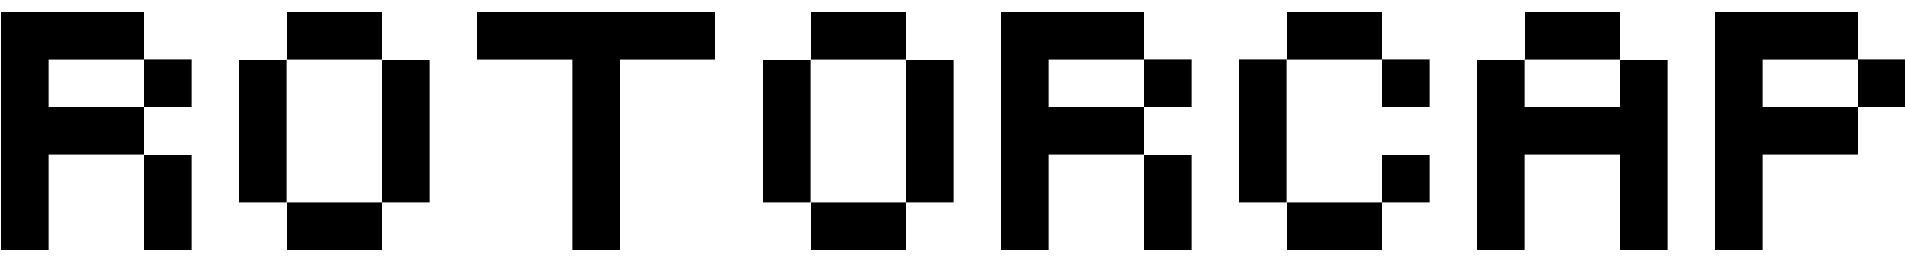 ROTORcap